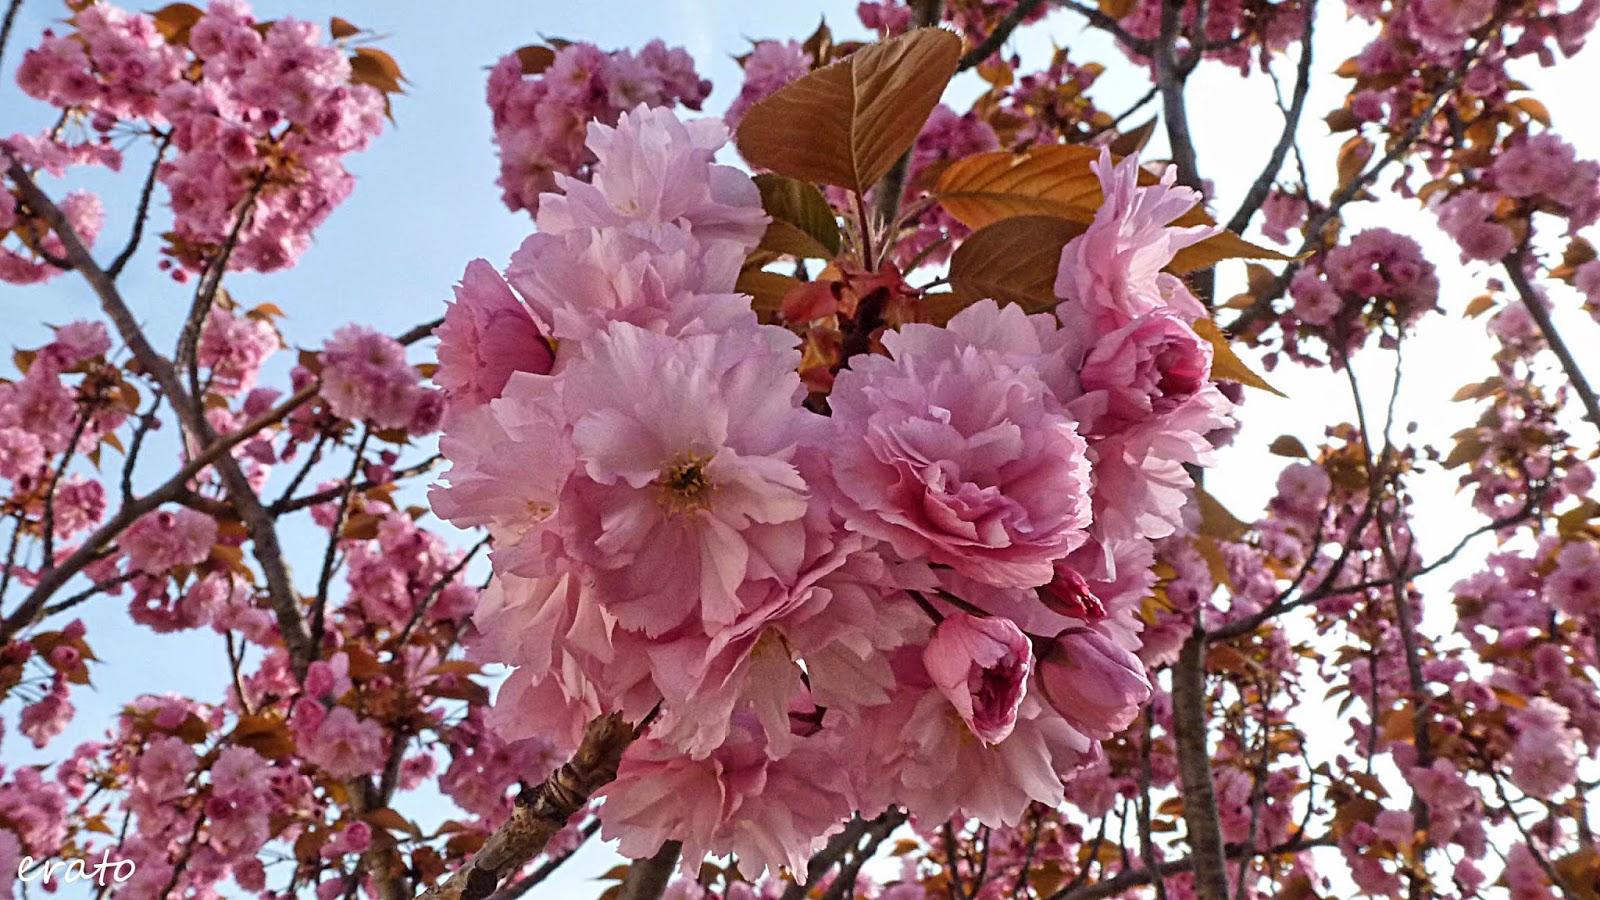 Cerisier Bois Mort : R?veries: Cerisier du Japon.